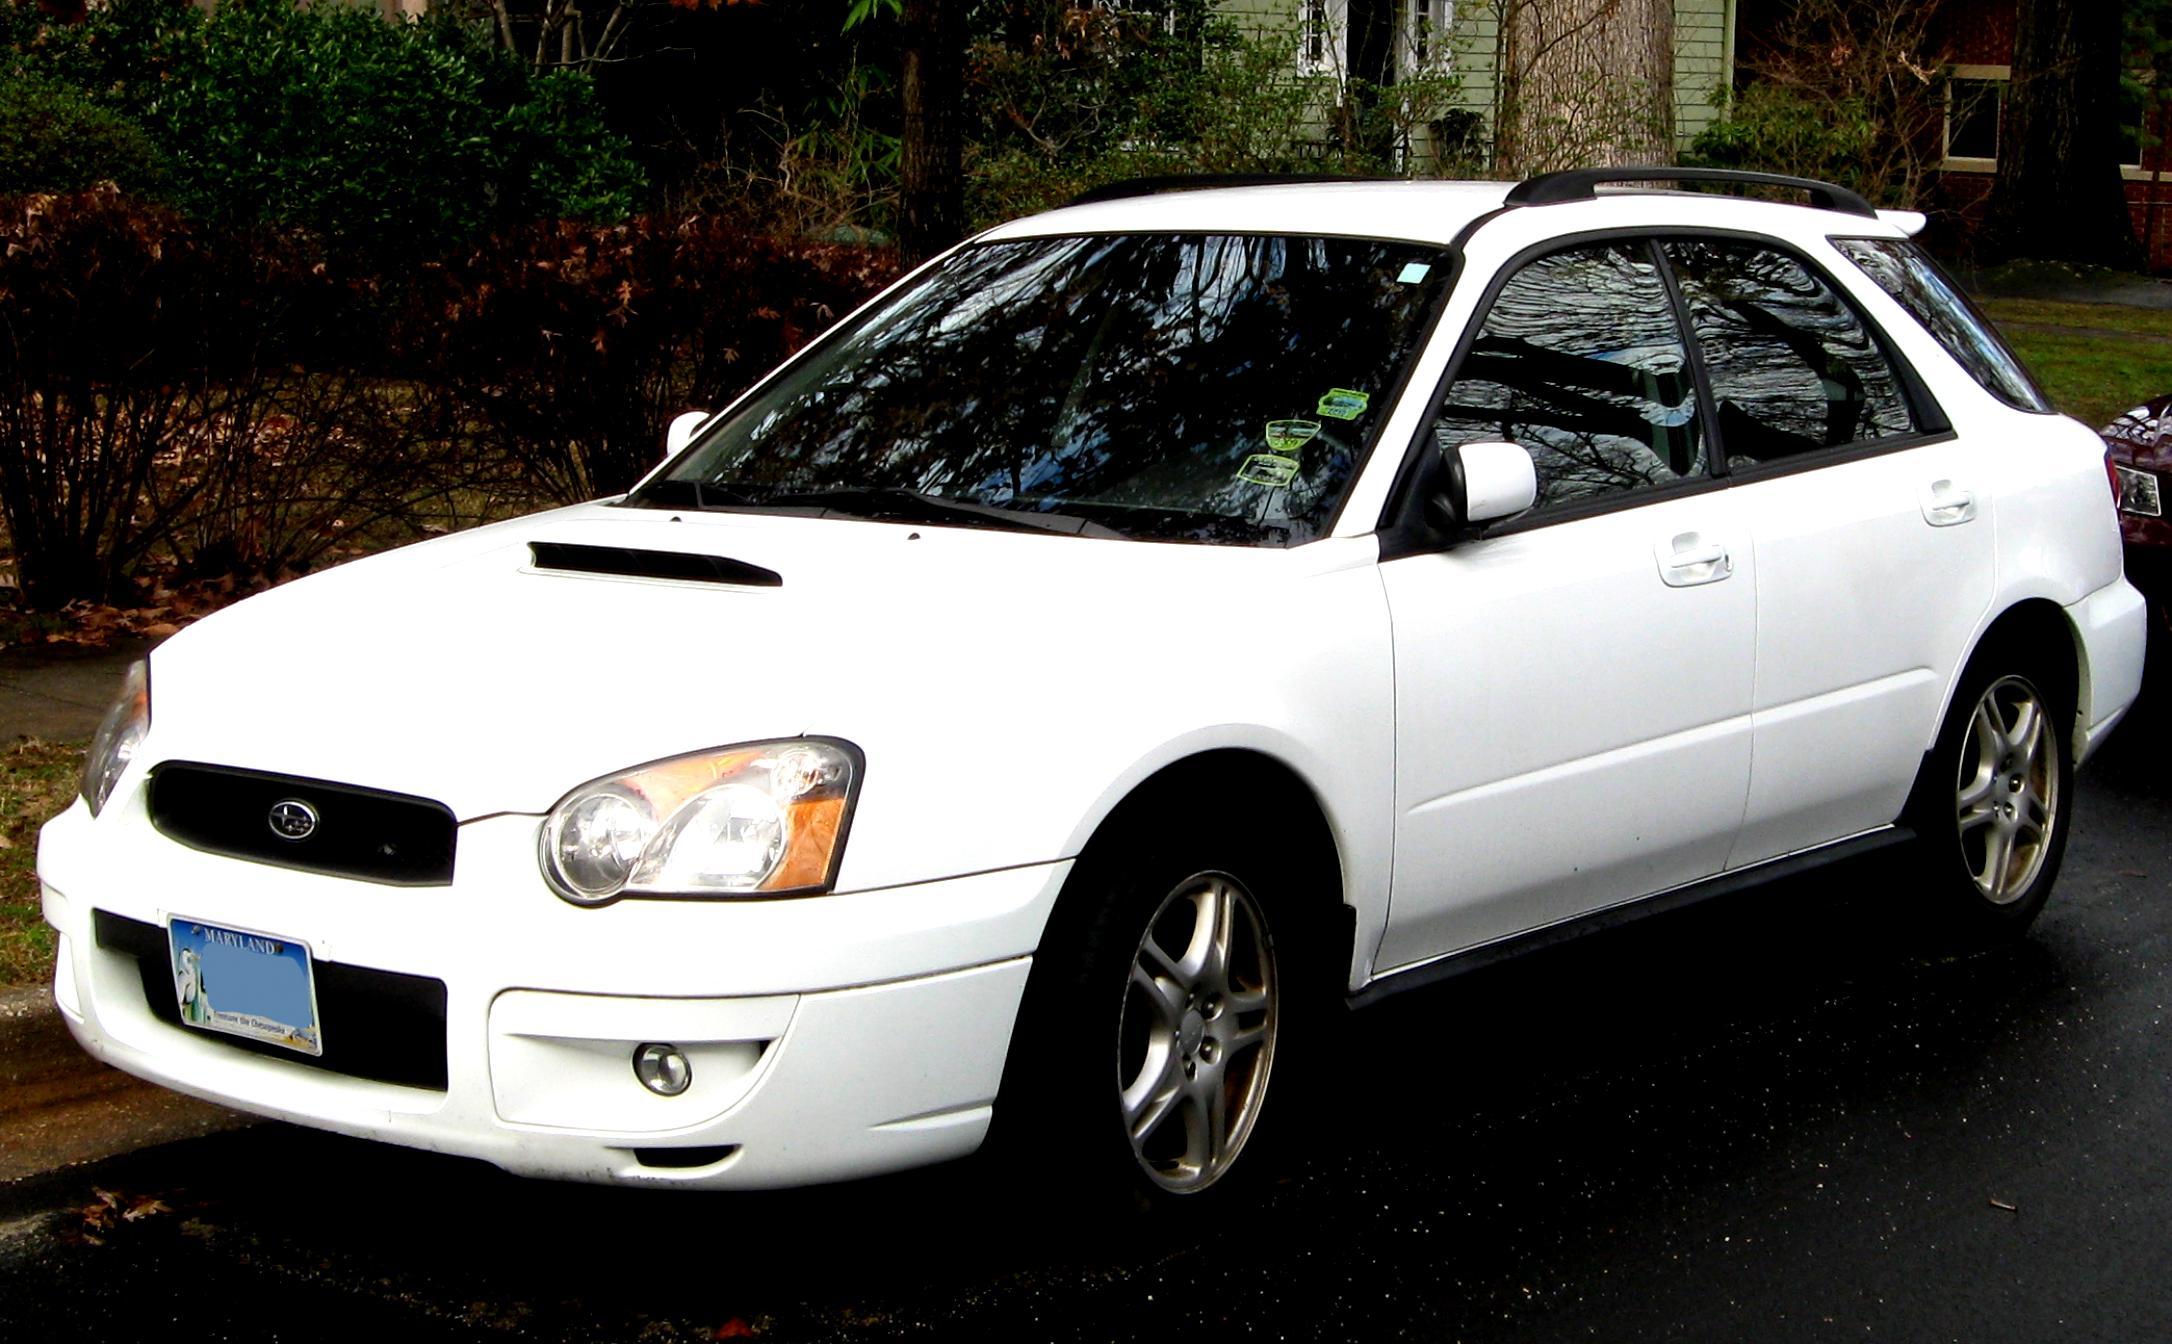 Subaru Impreza Wagon 2005 On Motoimg Com